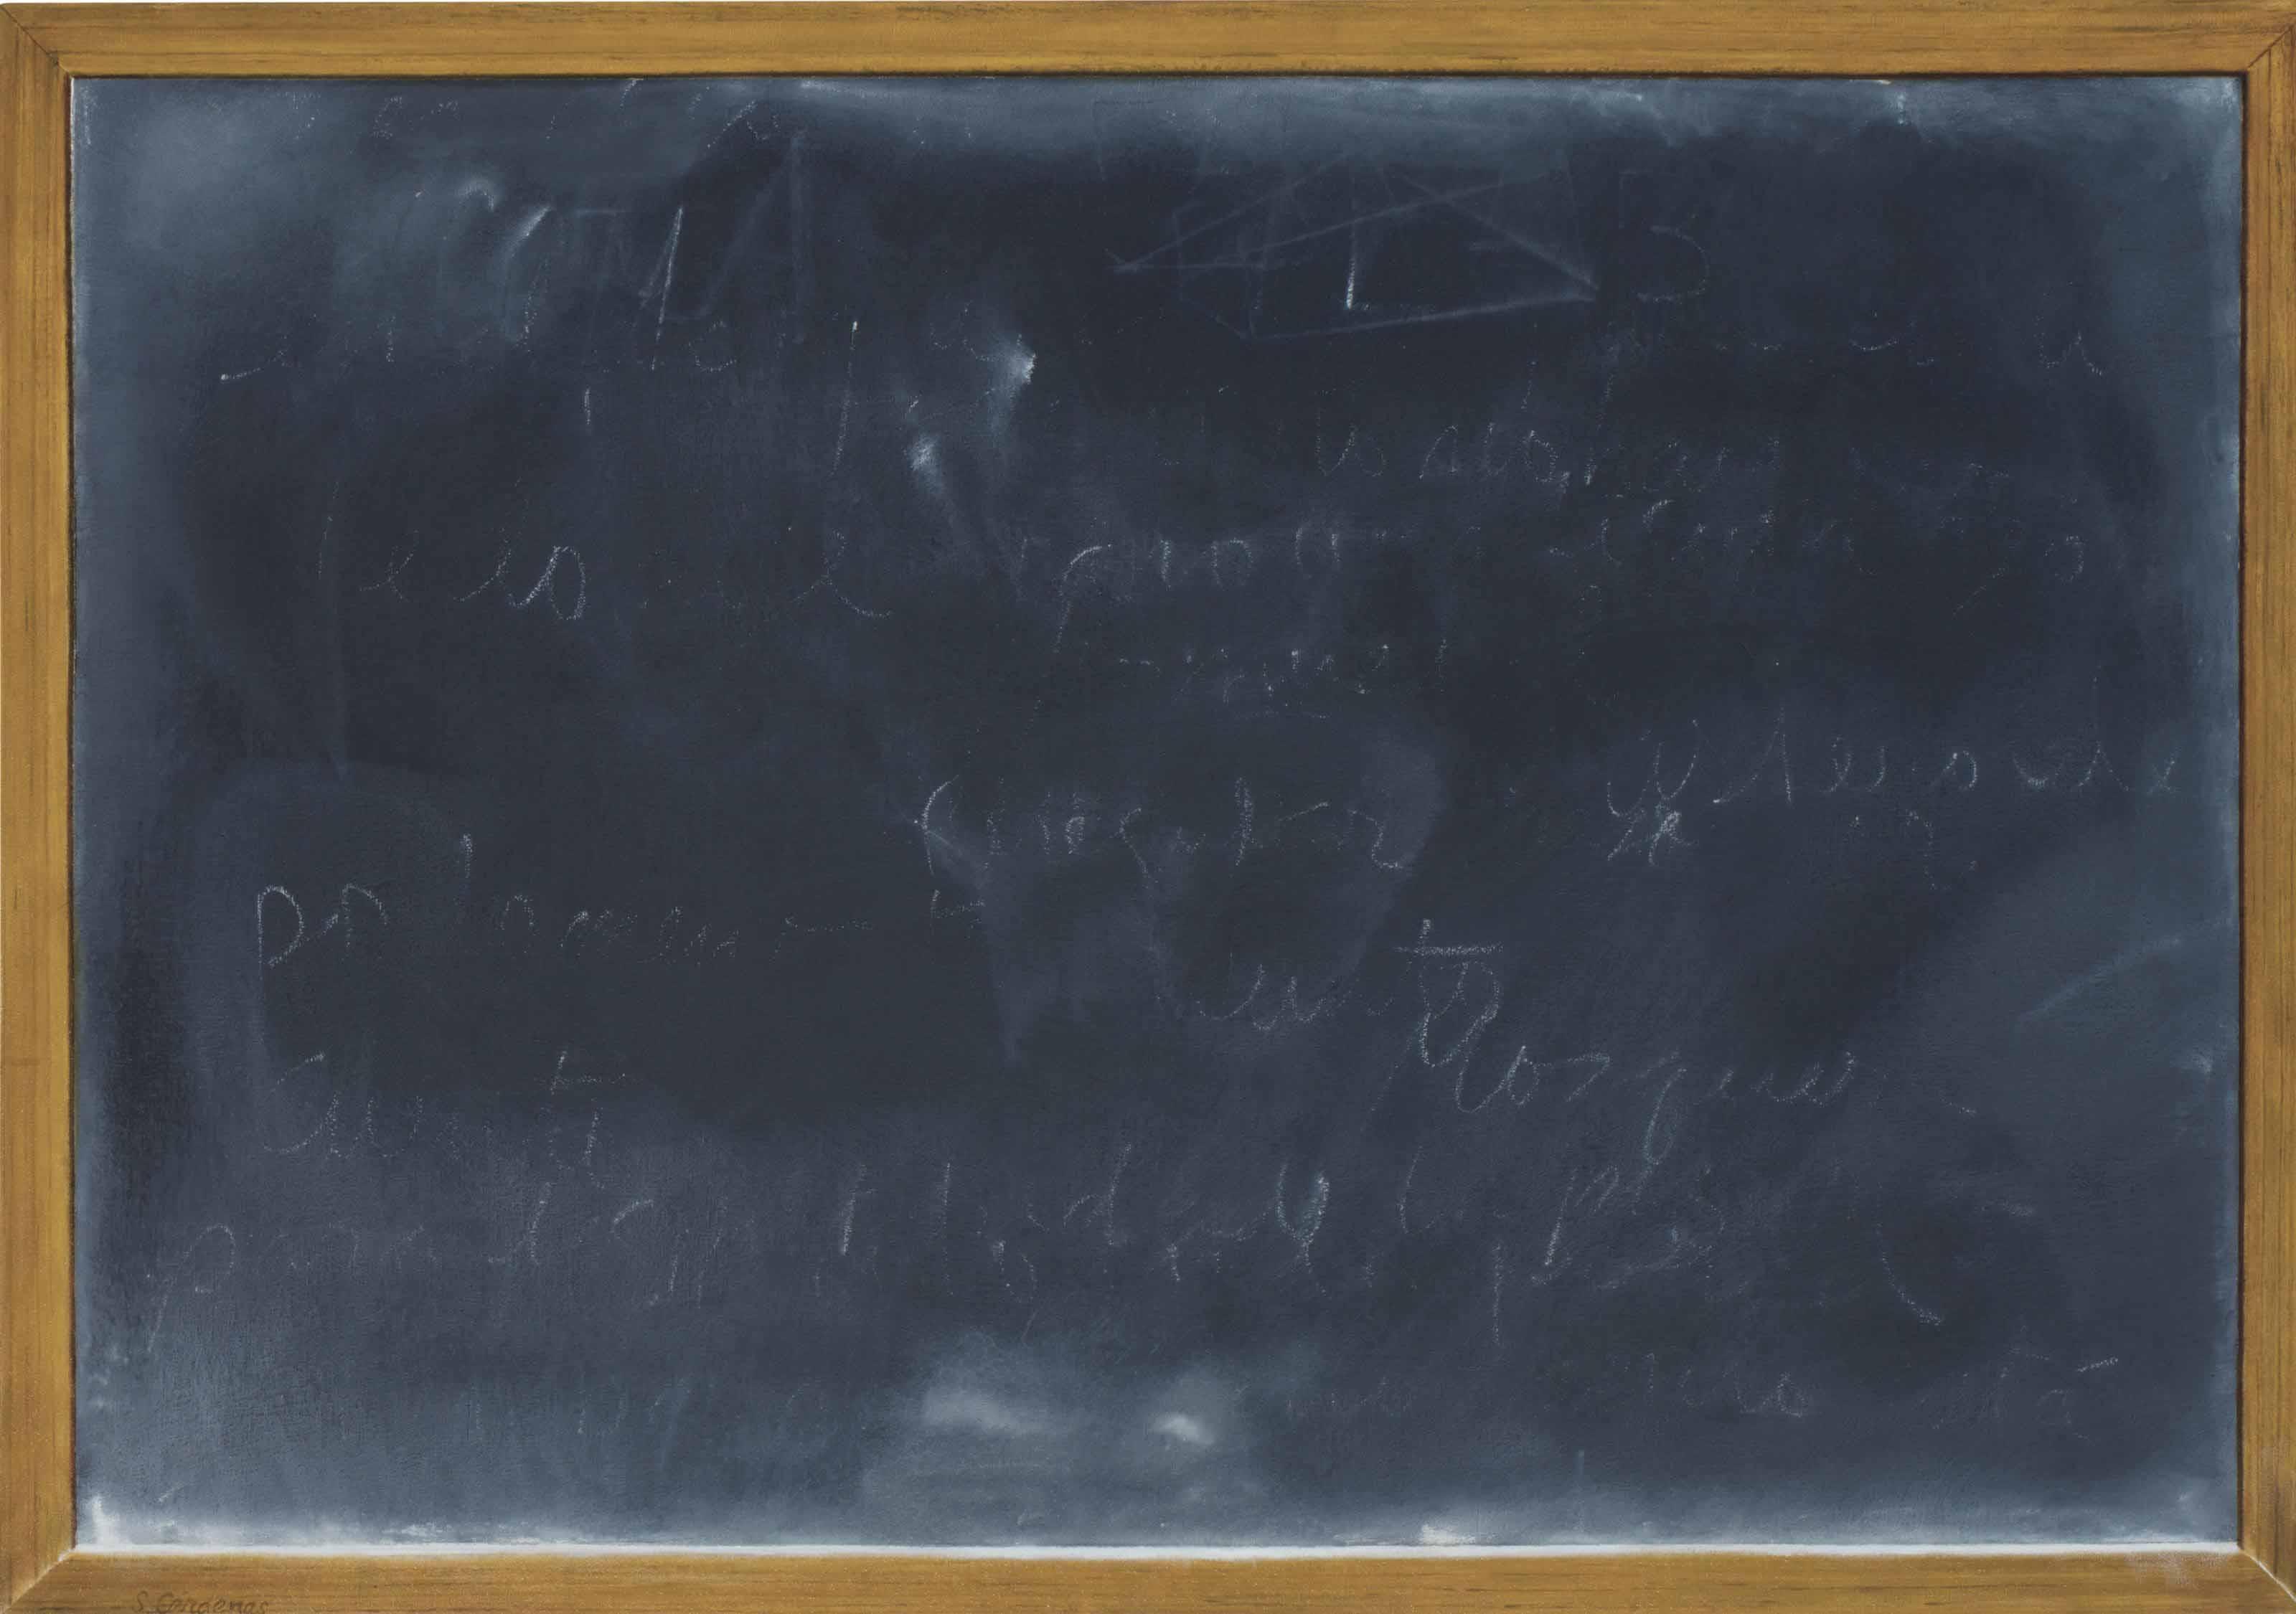 Pizarra, escrito en la pared